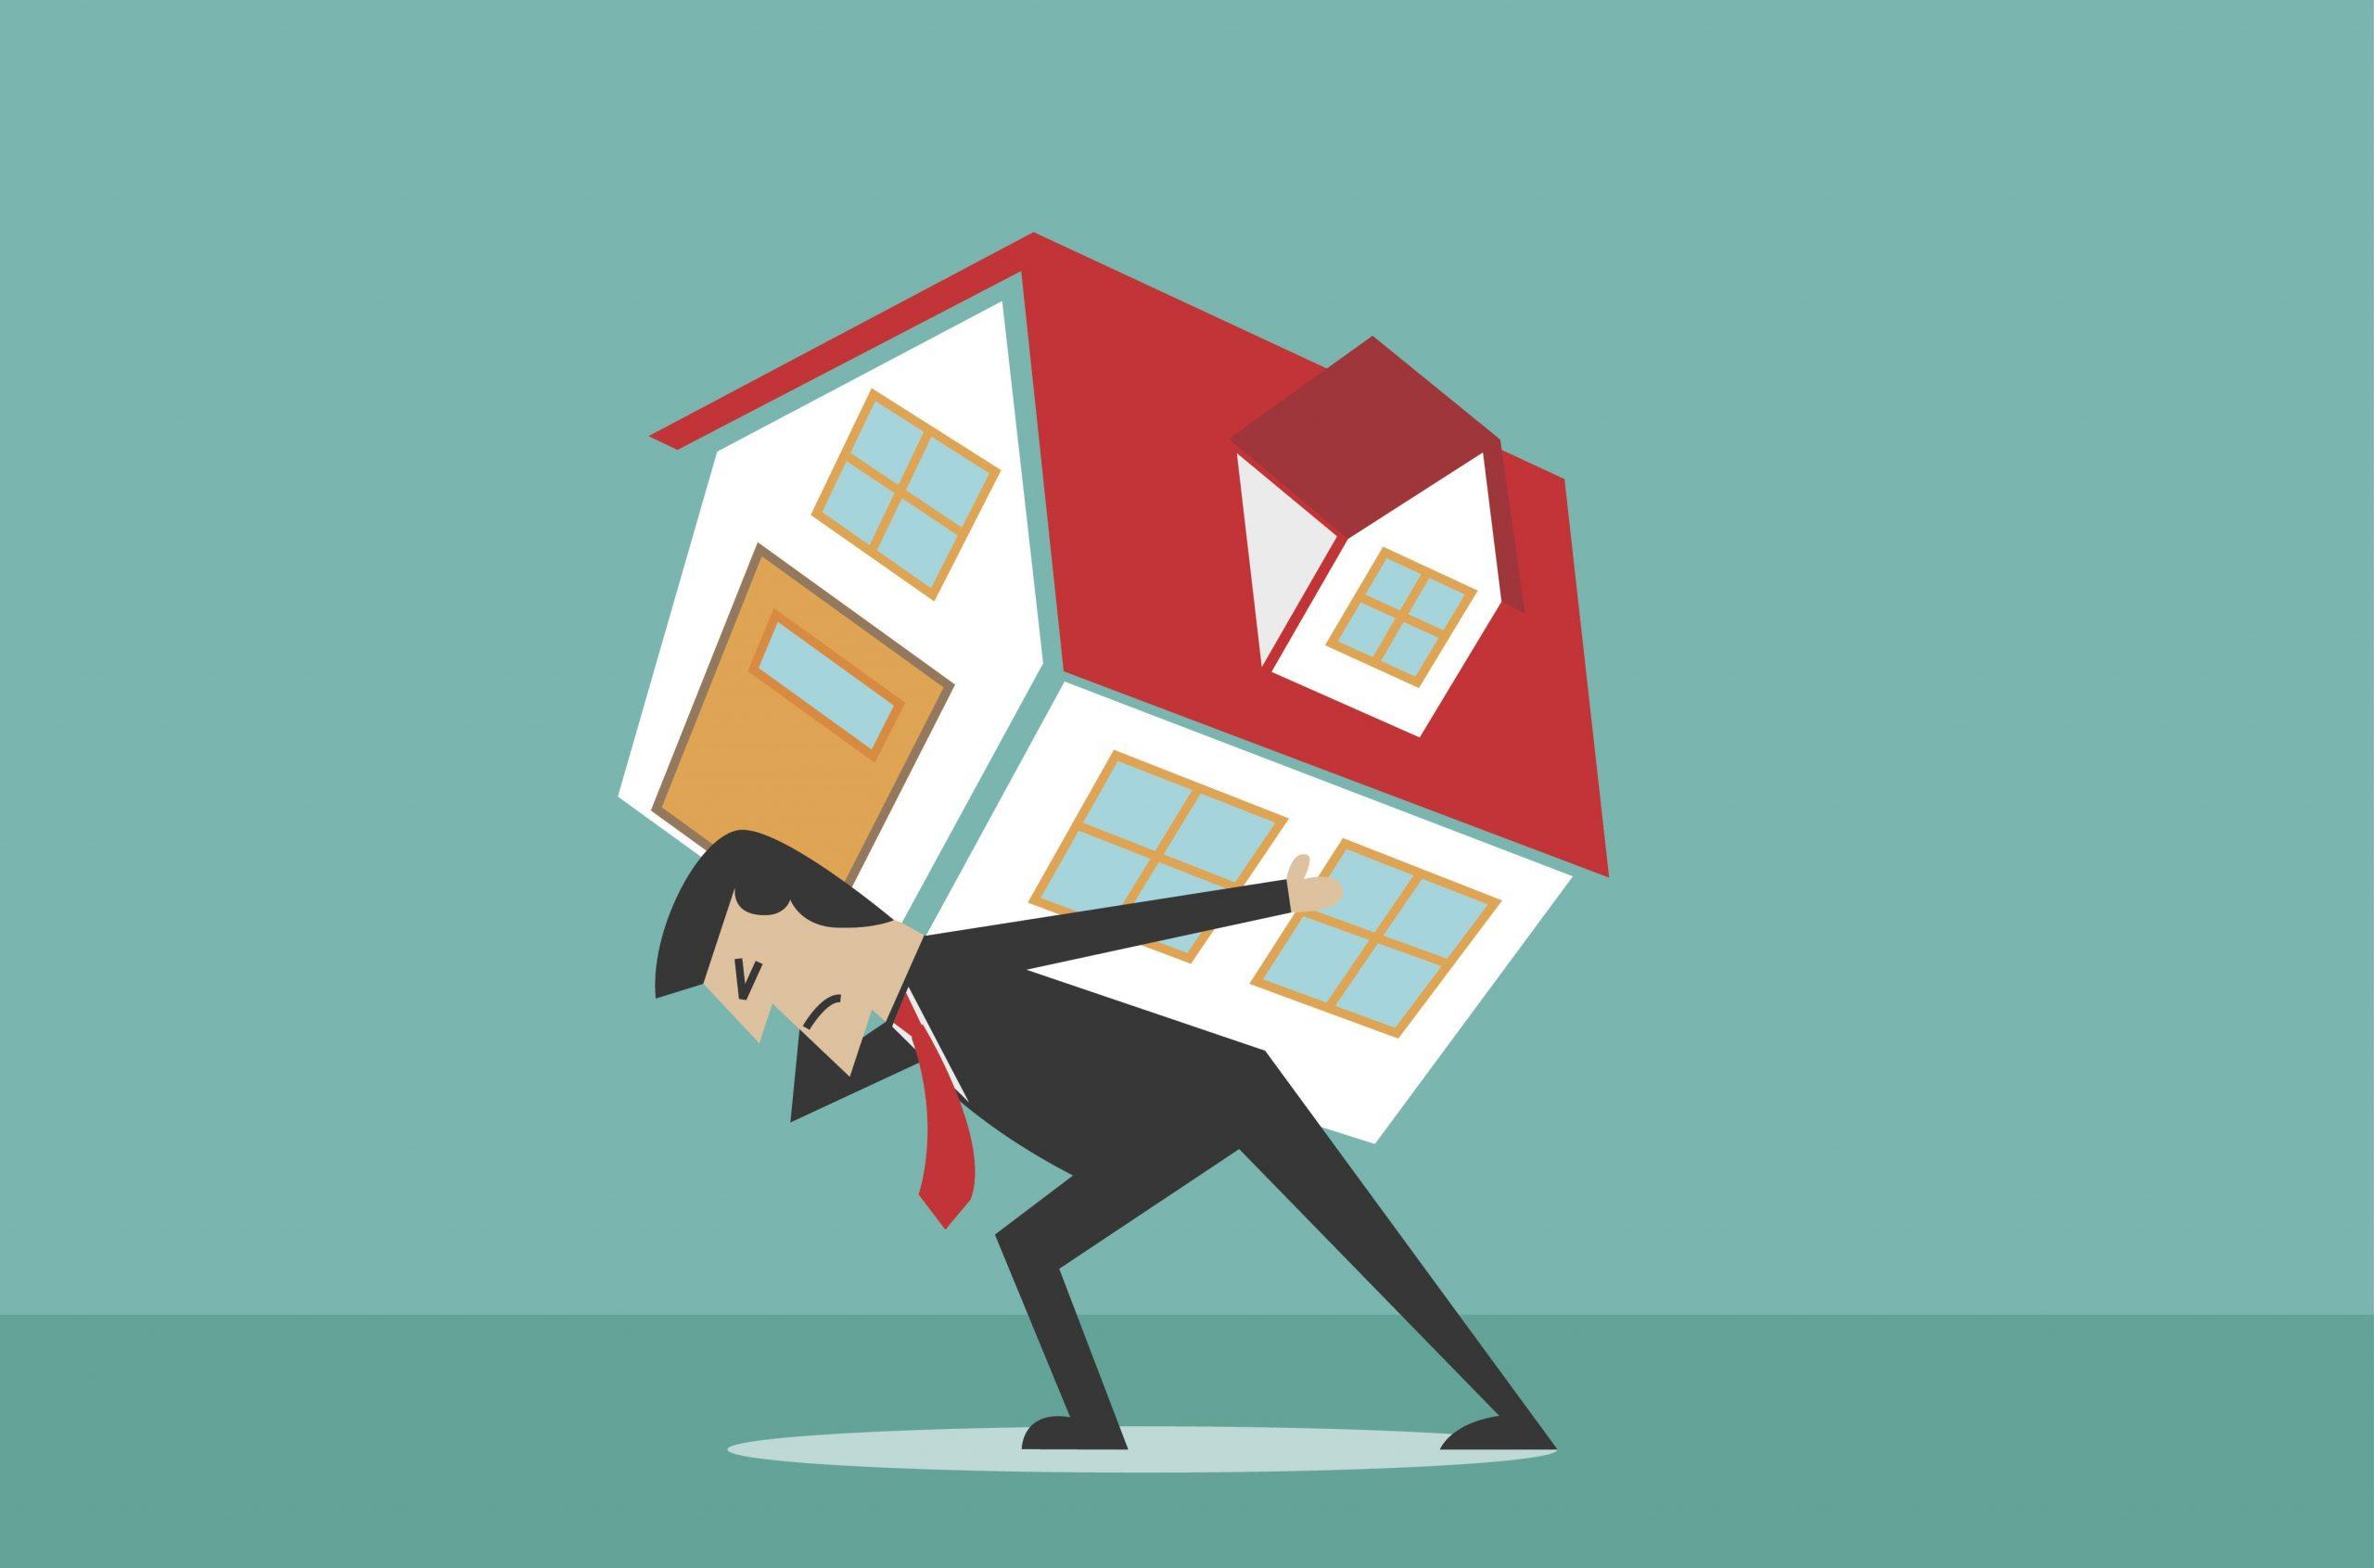 POREZ NA NEKRETNINE Dilema je uvijek ista: jače oporezivati plaće, imovinu  ili potrošnju - Novi list